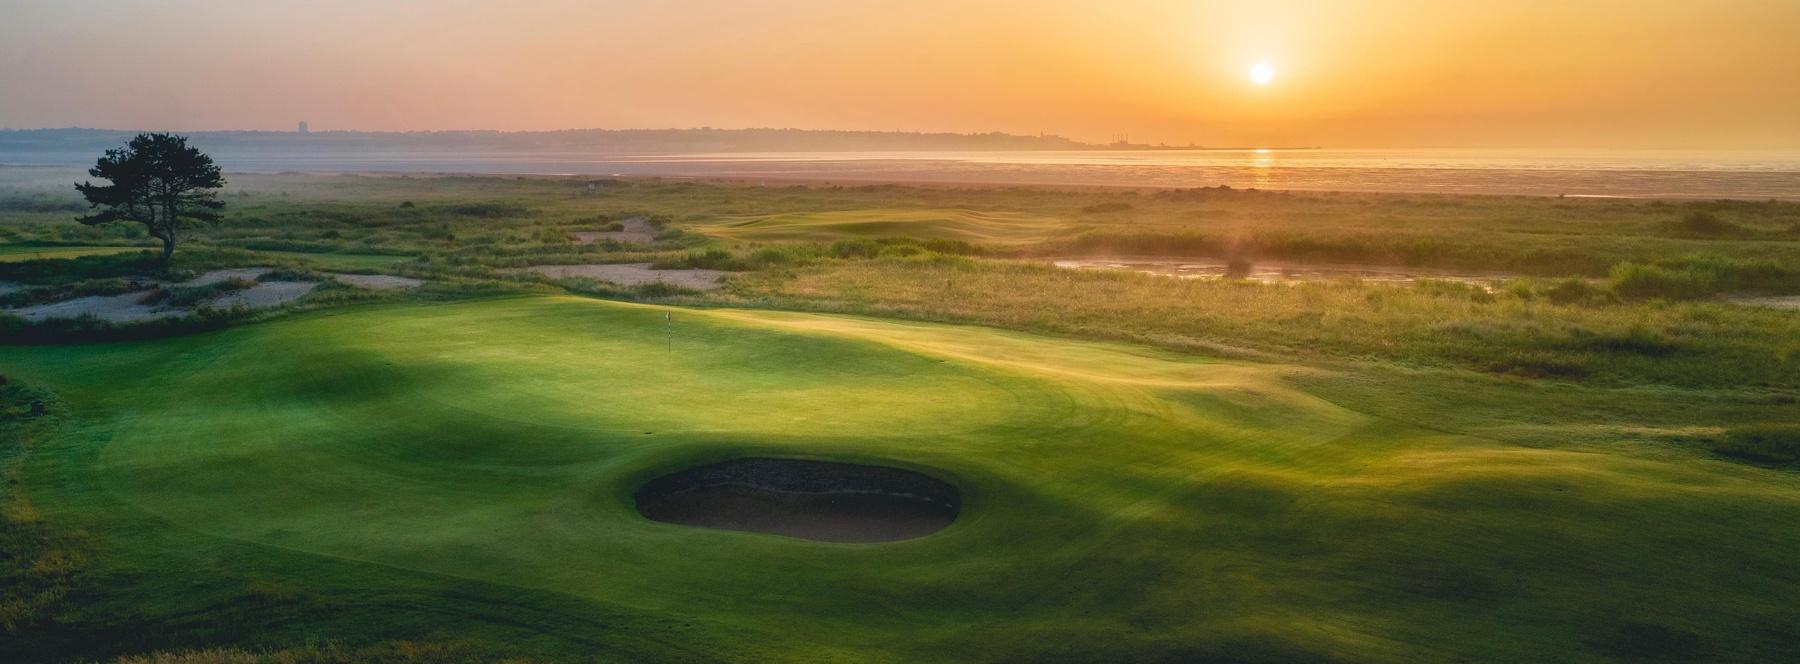 Himalayas-04th-Hole-Princes-Golf-Club-1096-99-Edit (1)